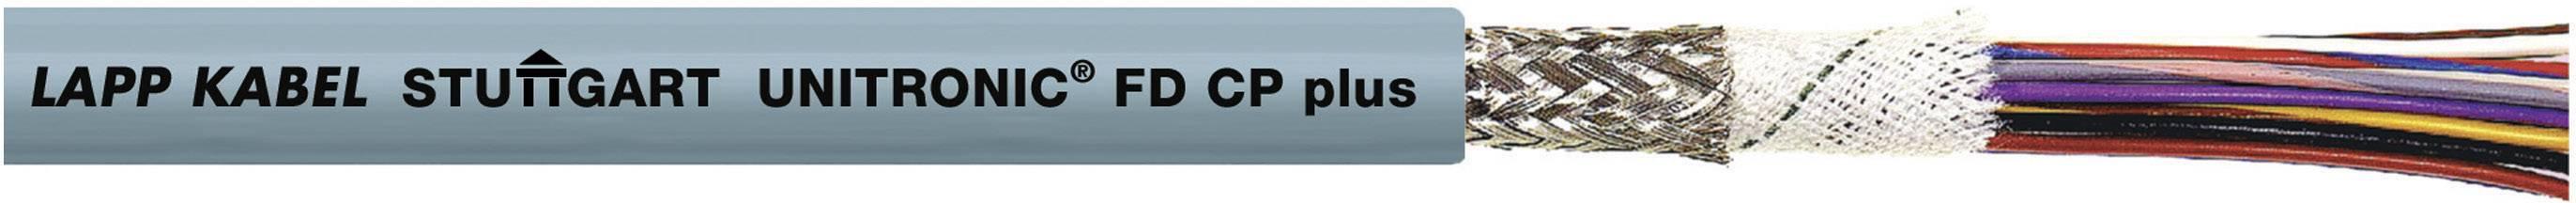 Datový kabel LappKabel UNITRONIC FD CP PLUS 5X0,25 (0028892), 5x 0,25 mm², Ø 5,9 mm, stíněný, 100 m, šedá